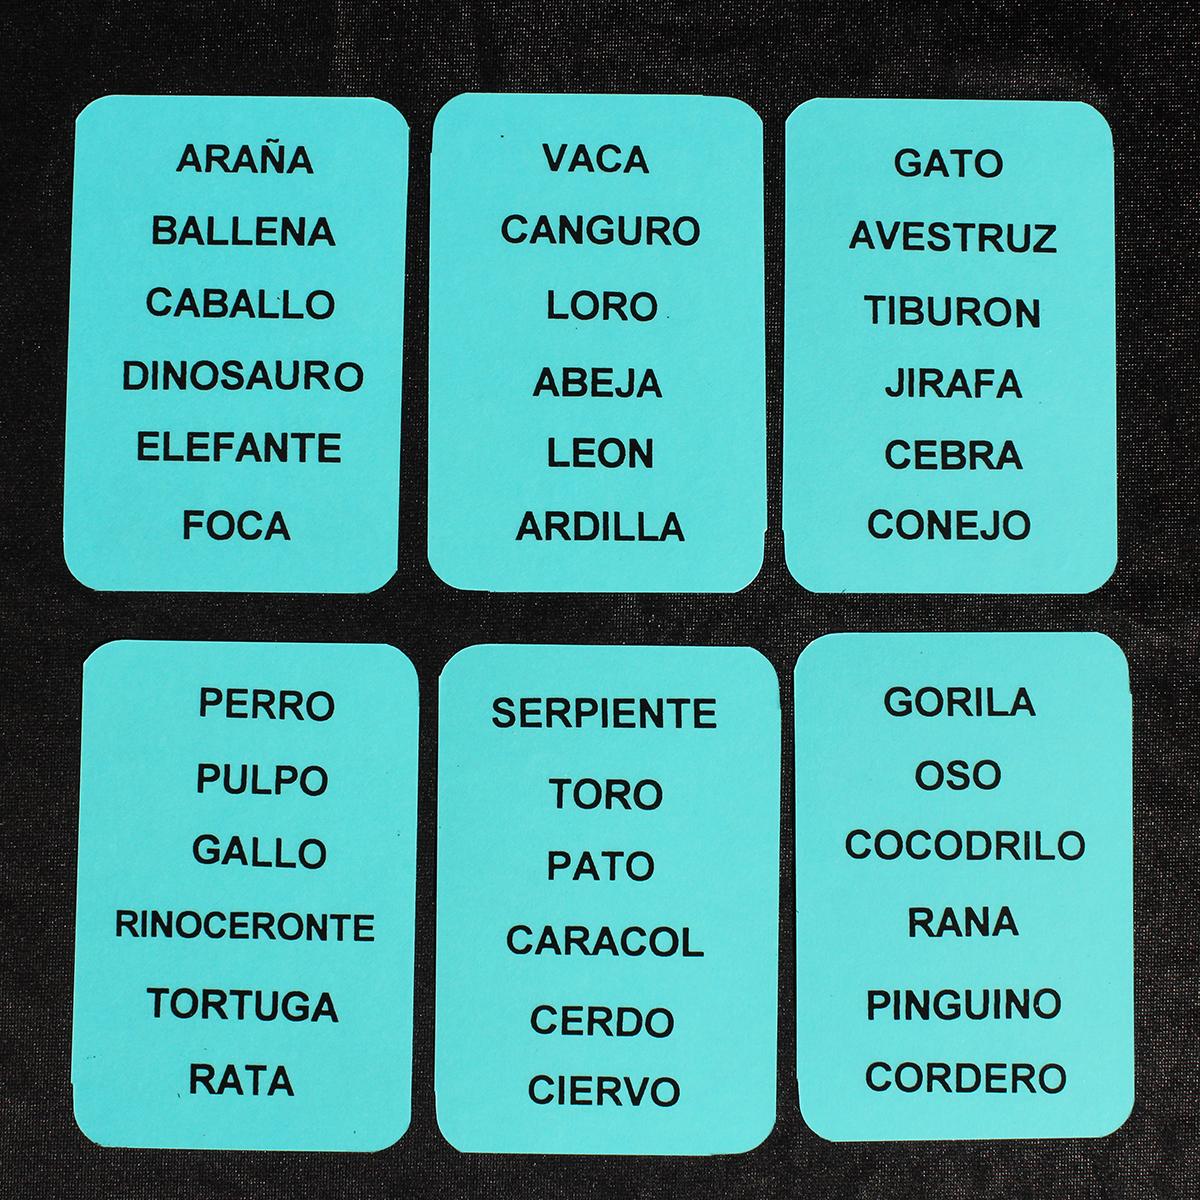 R006-animalandia-esp-3